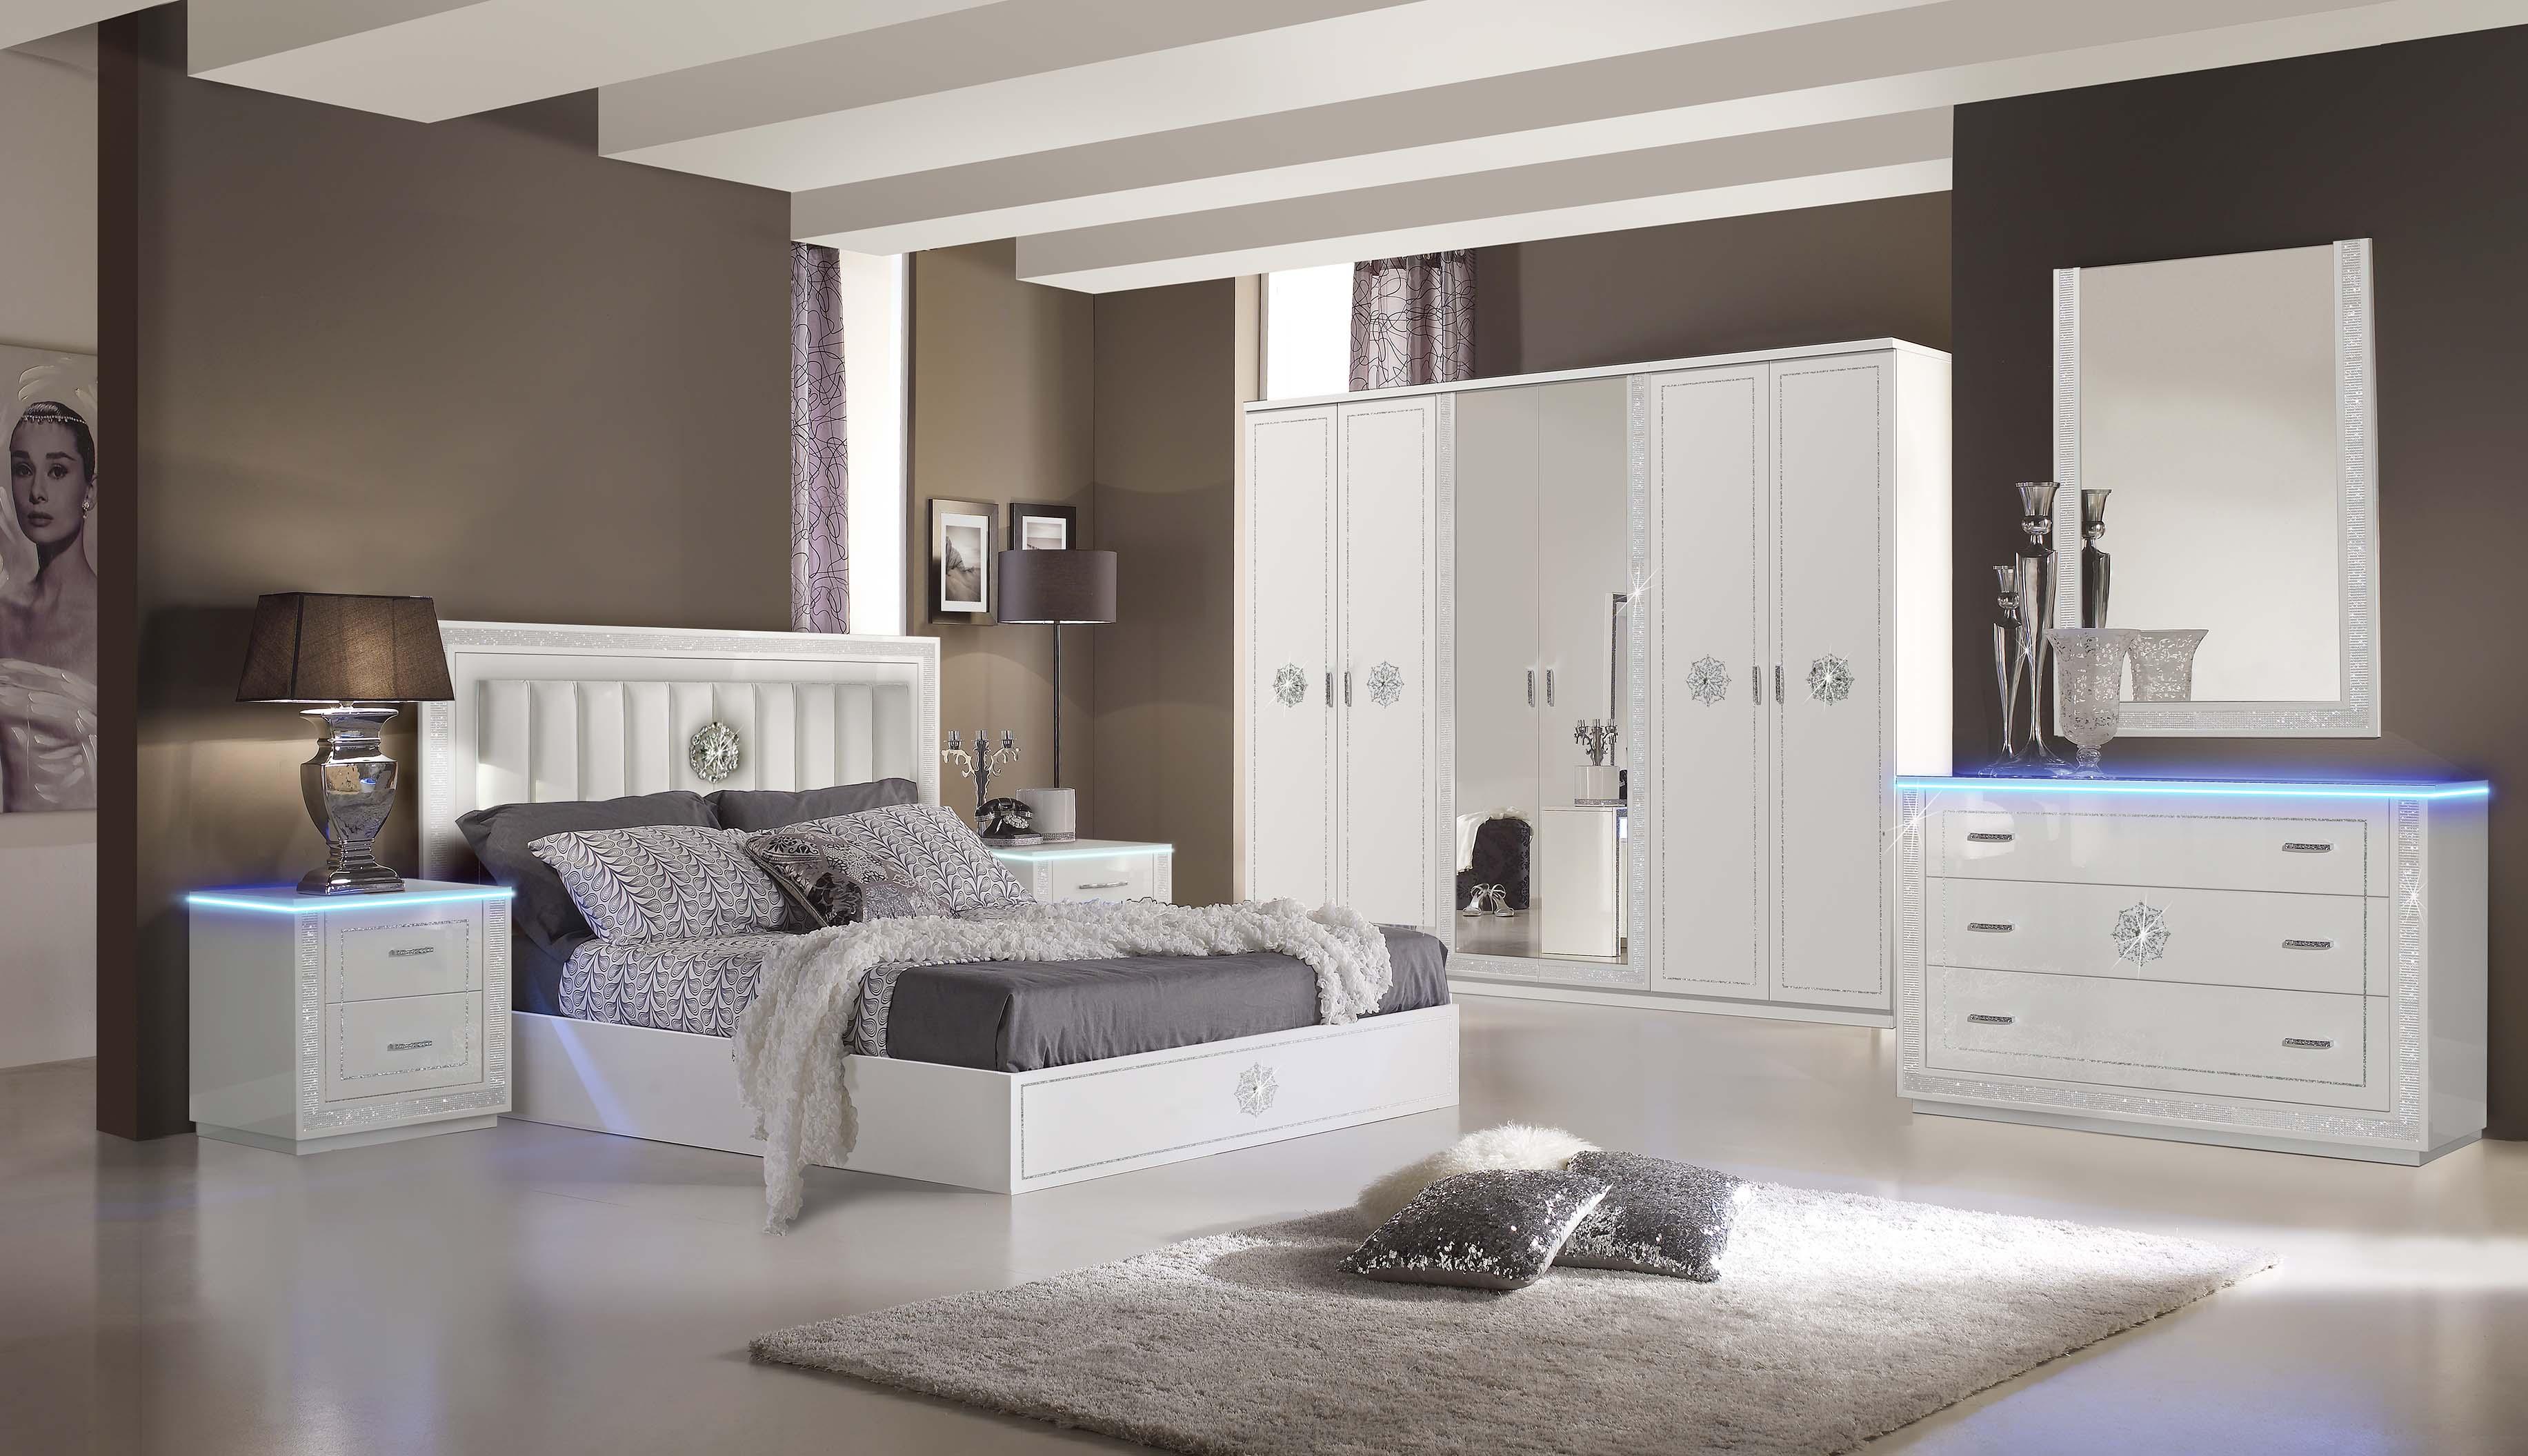 Schlafzimmer Set Cristal in Weiss Modern Design - Kaufen bei KAPA Möbel